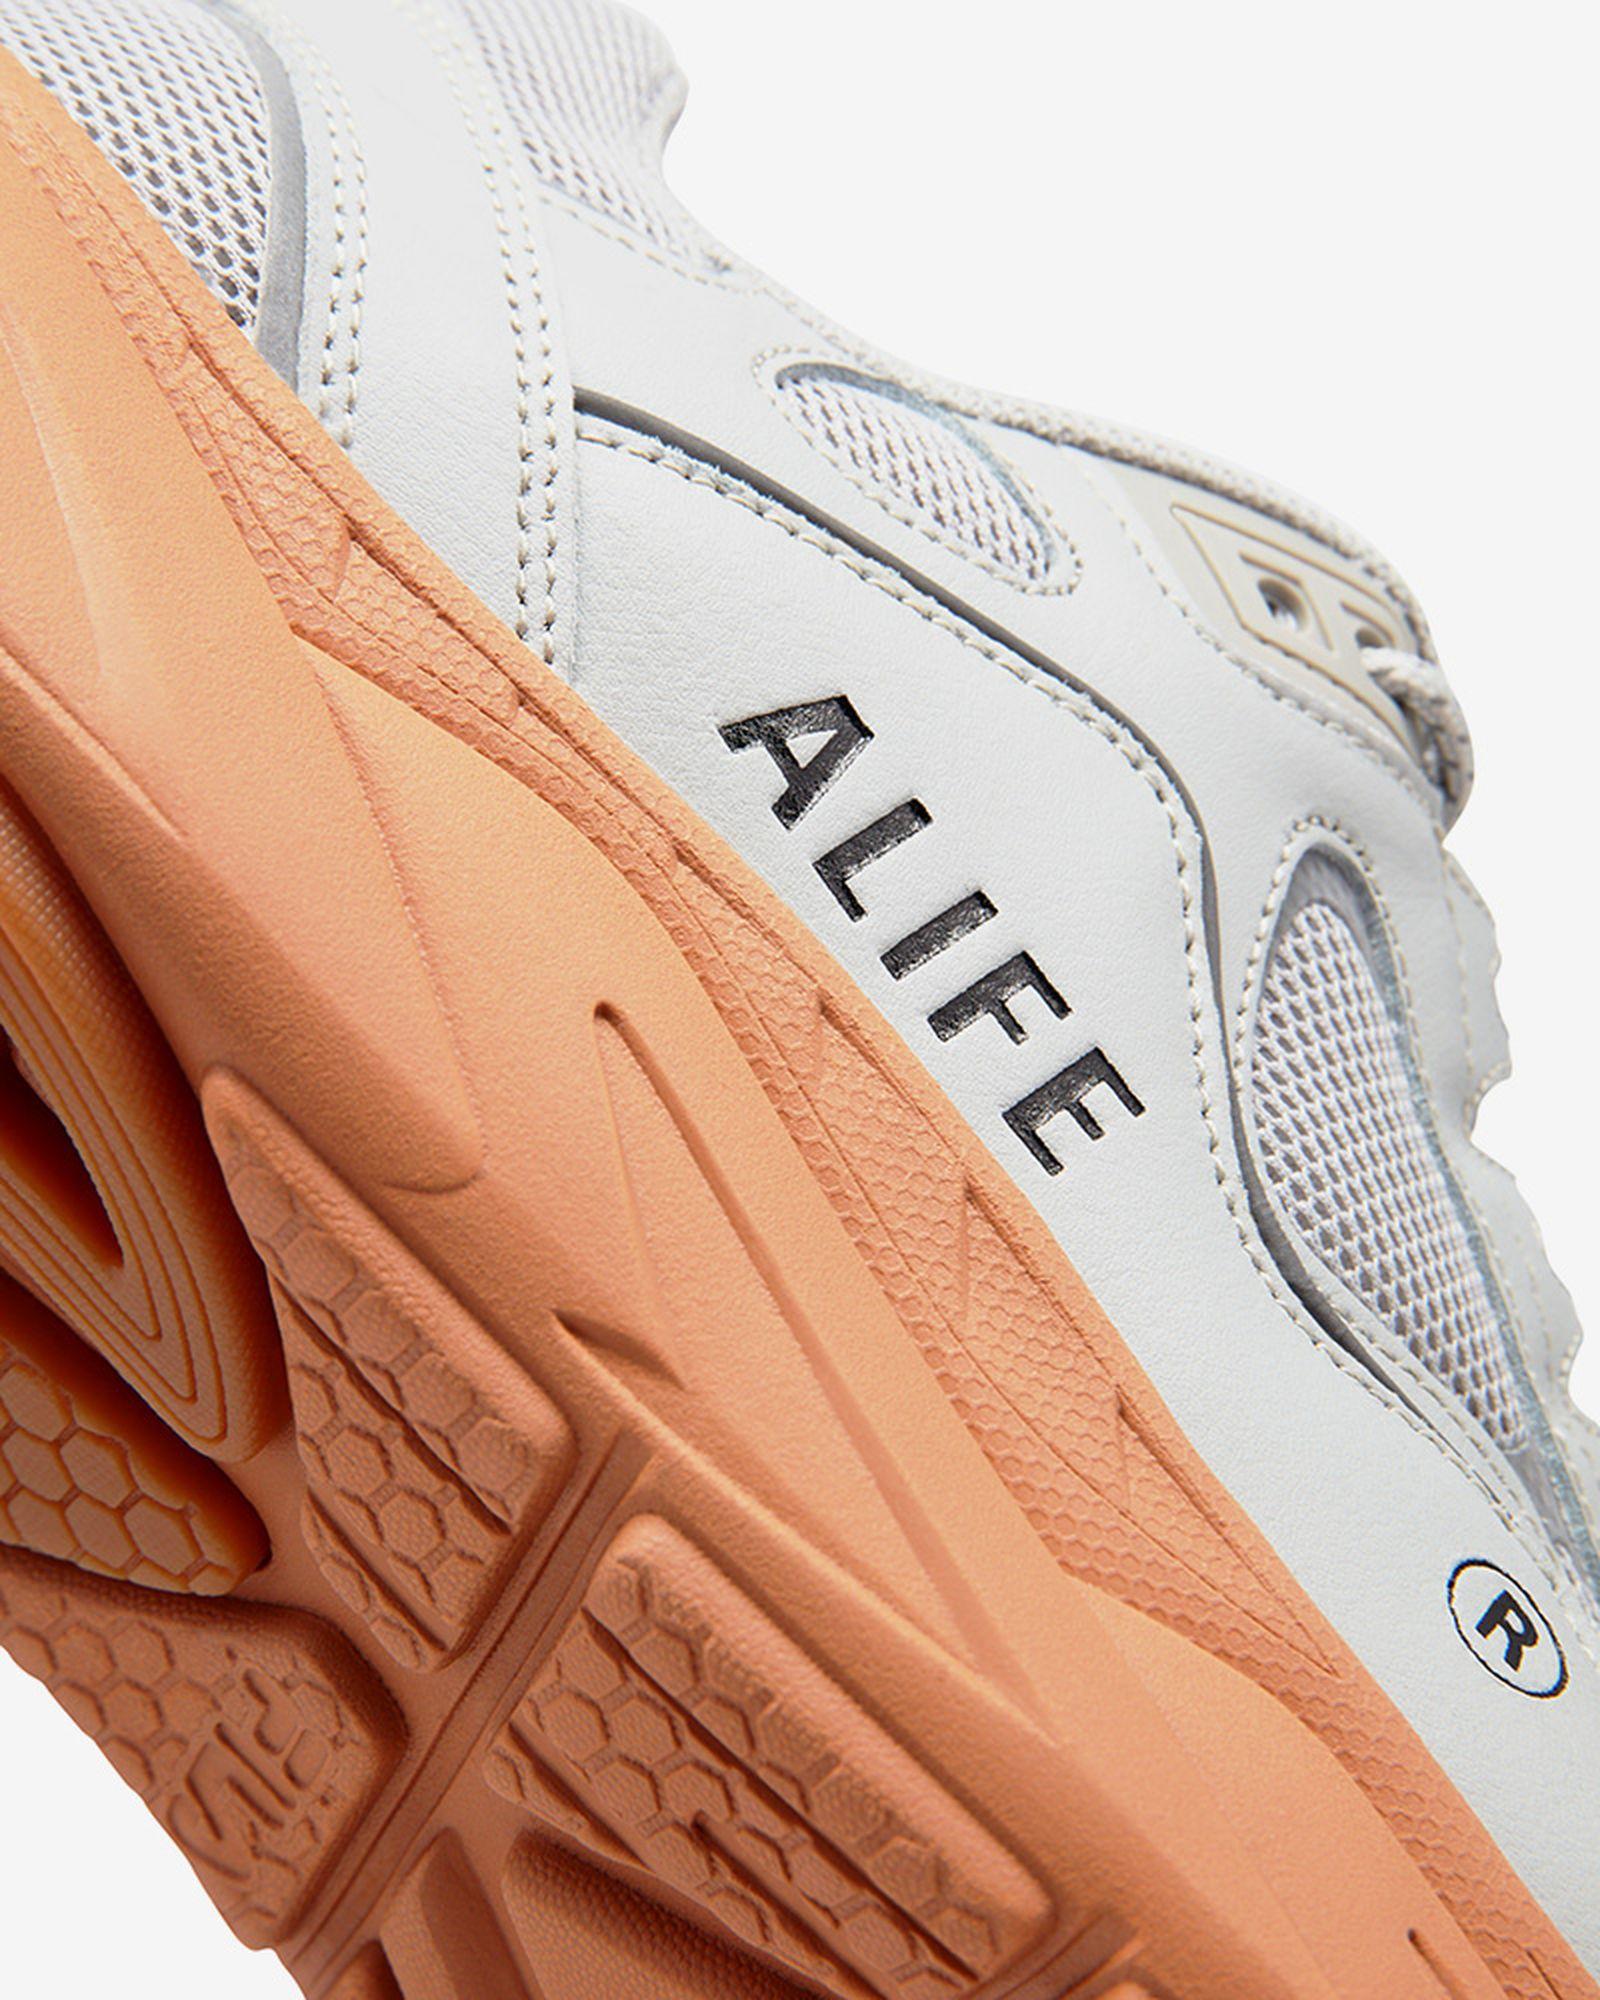 alife-x-fila-trigate-release-date-price-06